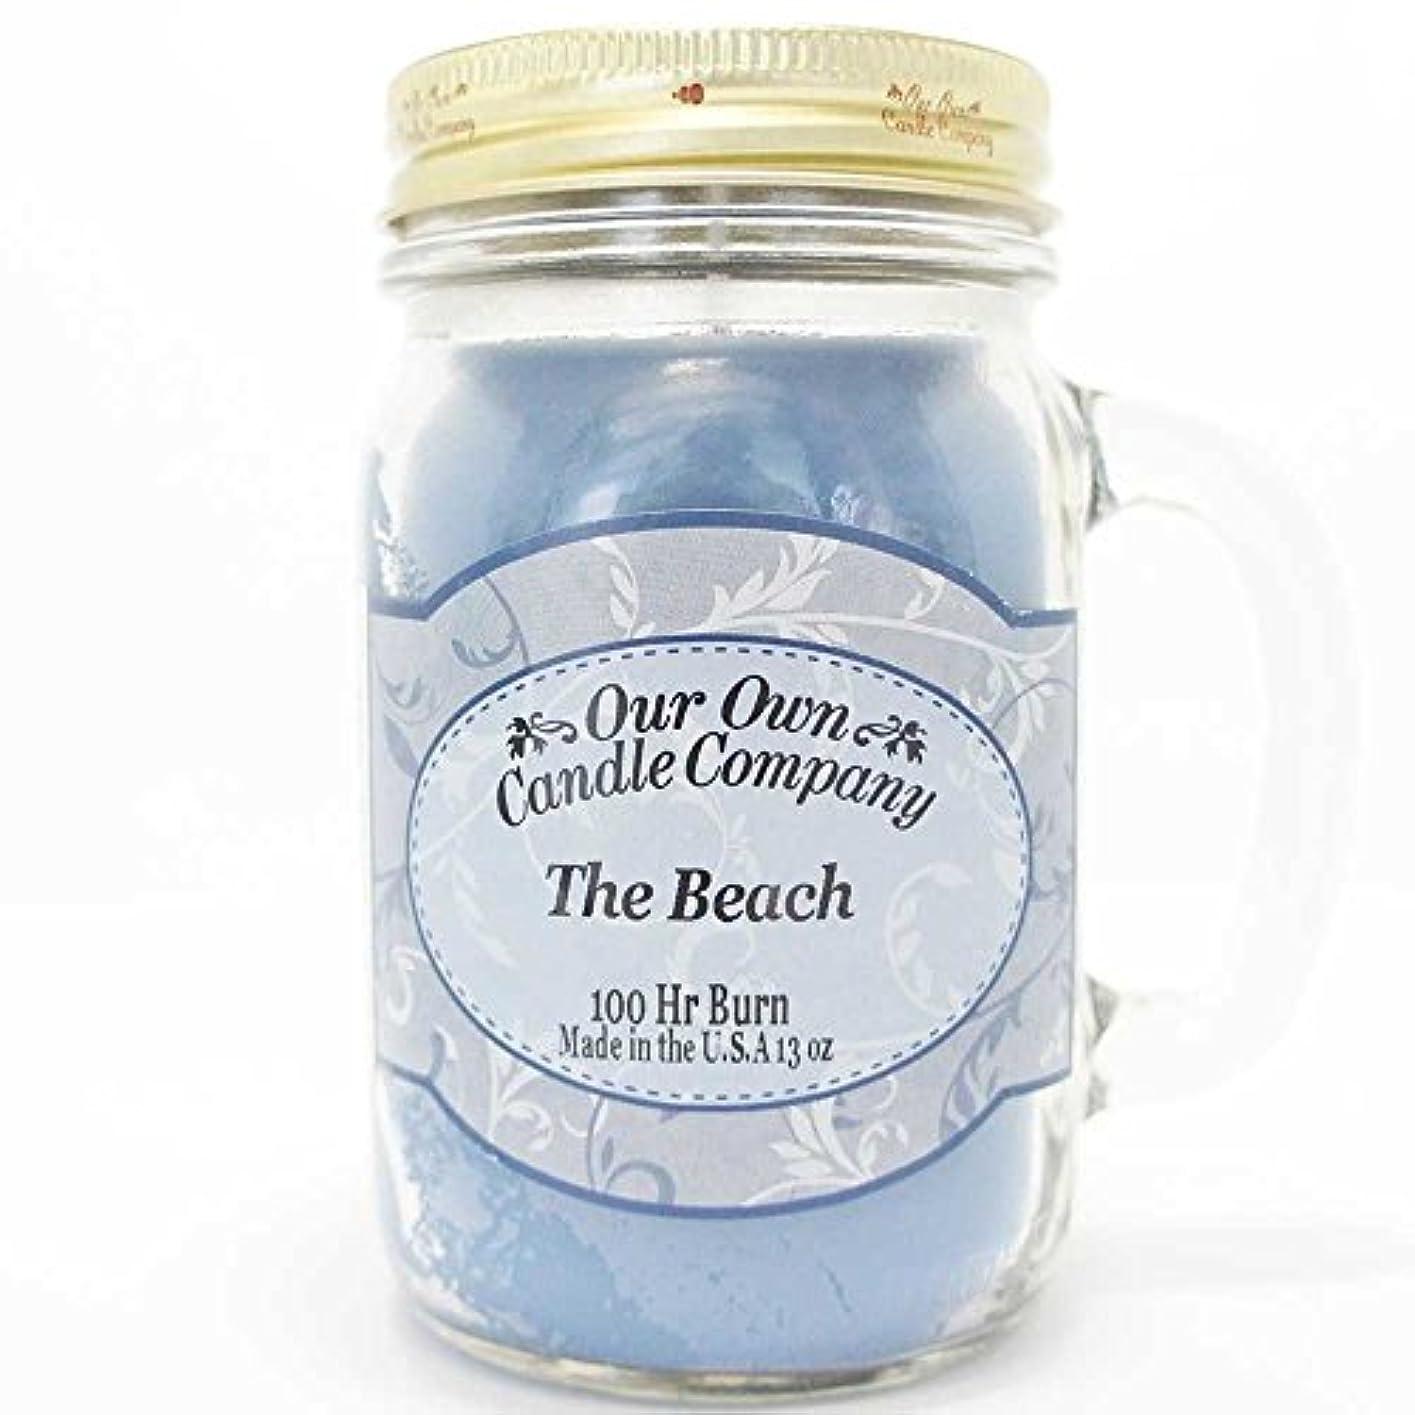 情緒的利得アトミックOur Own Candle Company メイソンジャーキャンドル ラージサイズ ザ?ビーチ OU100119